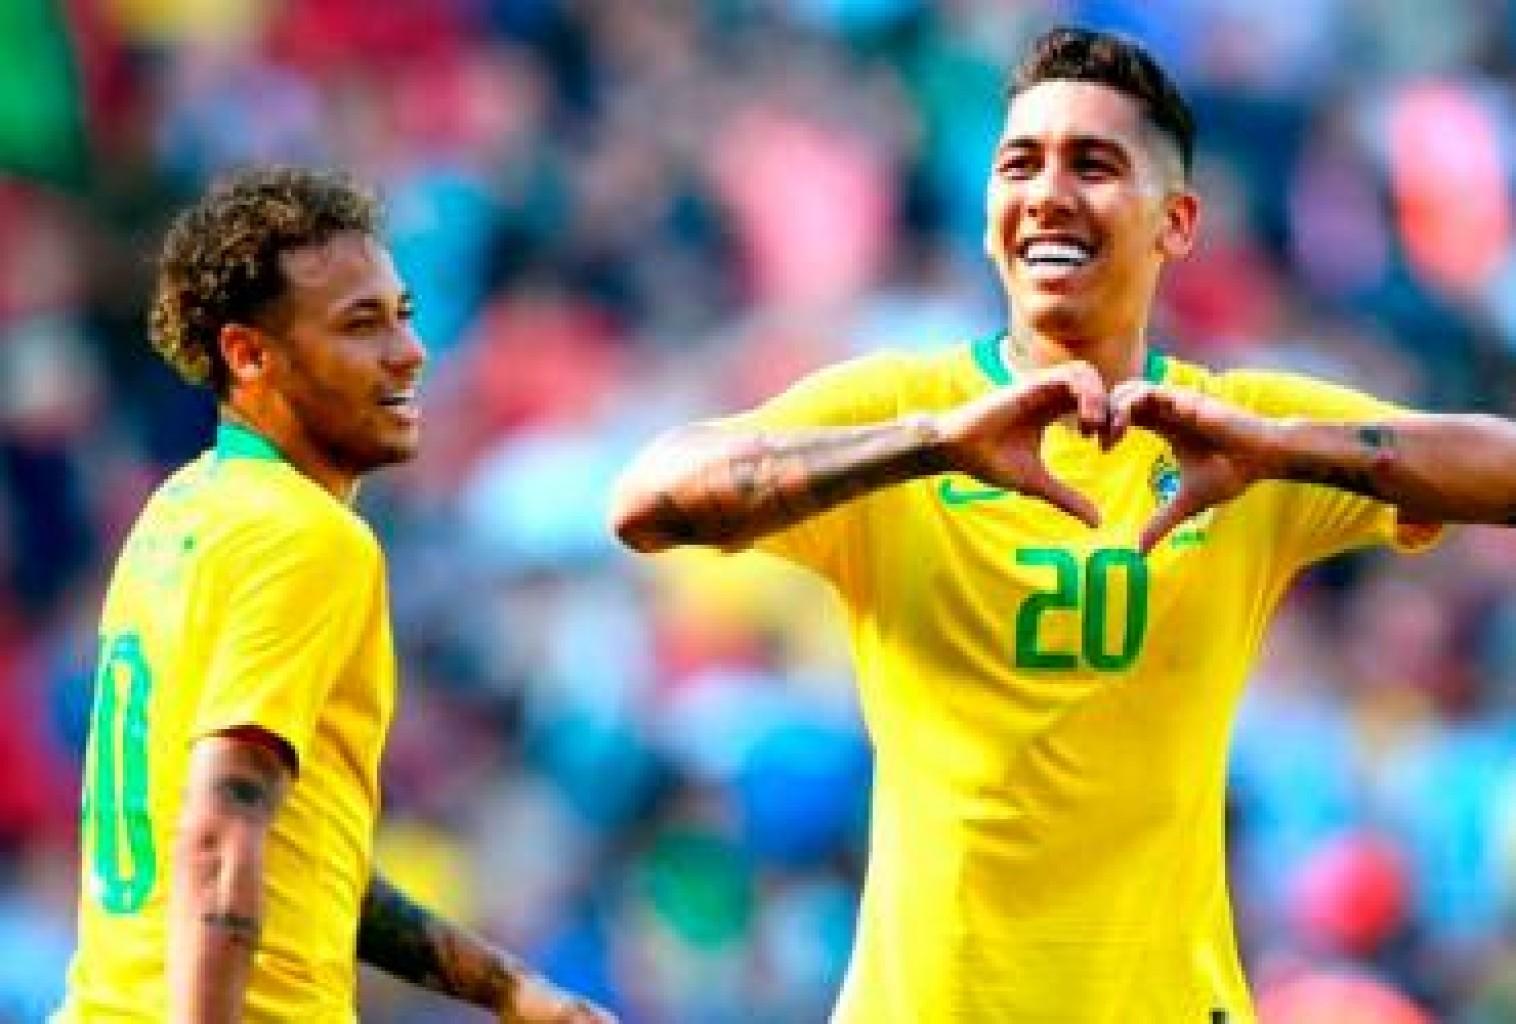 En Brasil todo es alegría  luego de su victoria ante Croacia y el retorno con gol de Neymar